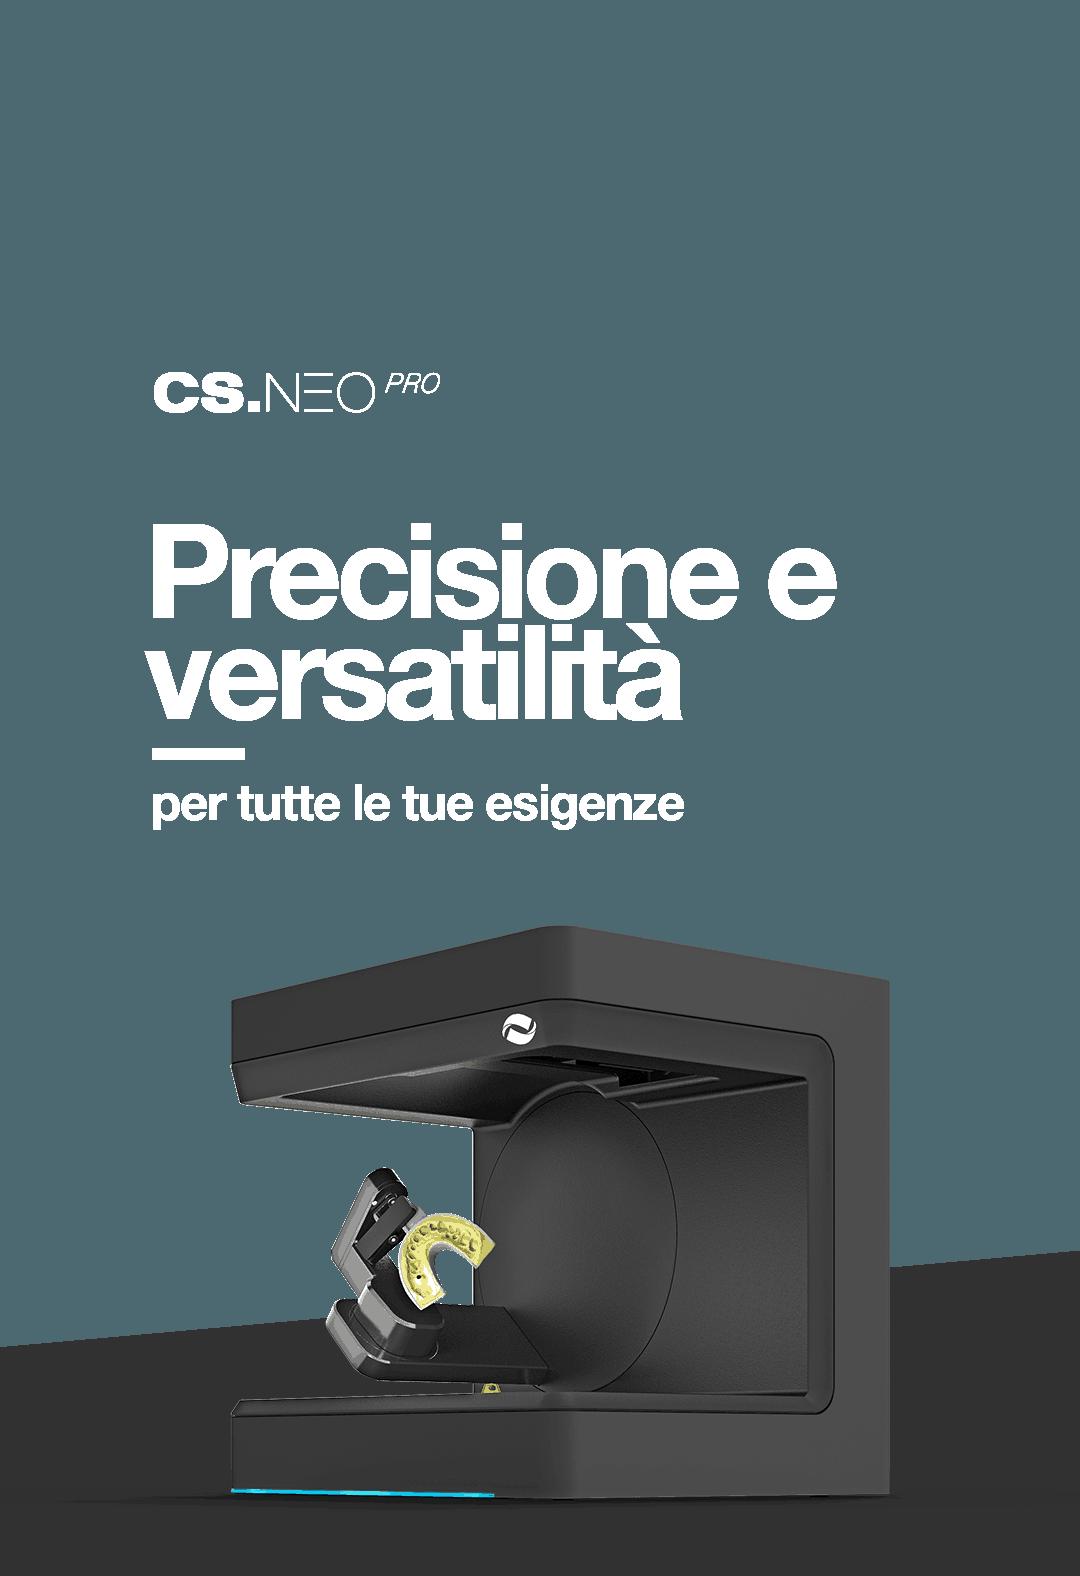 CS.Neo Pro